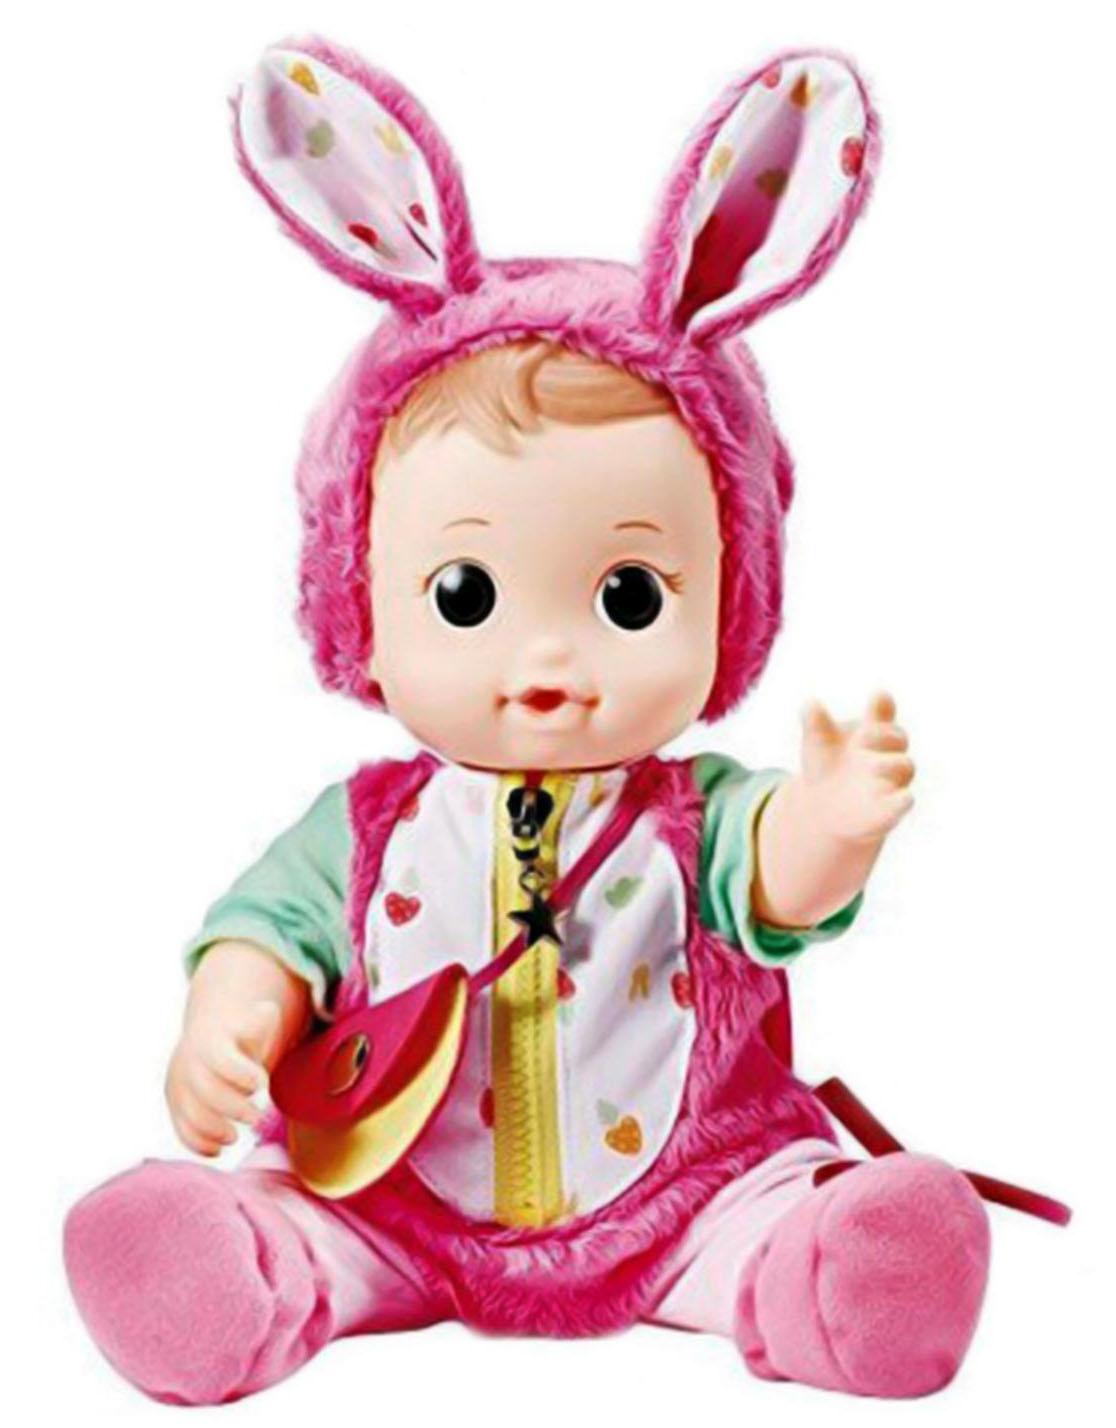 Фото - Другие куклы Консуни Кукла Консуни «Уход за малышом: Малышка Хлоя» 27 см с аксесс. уход за автомобилем